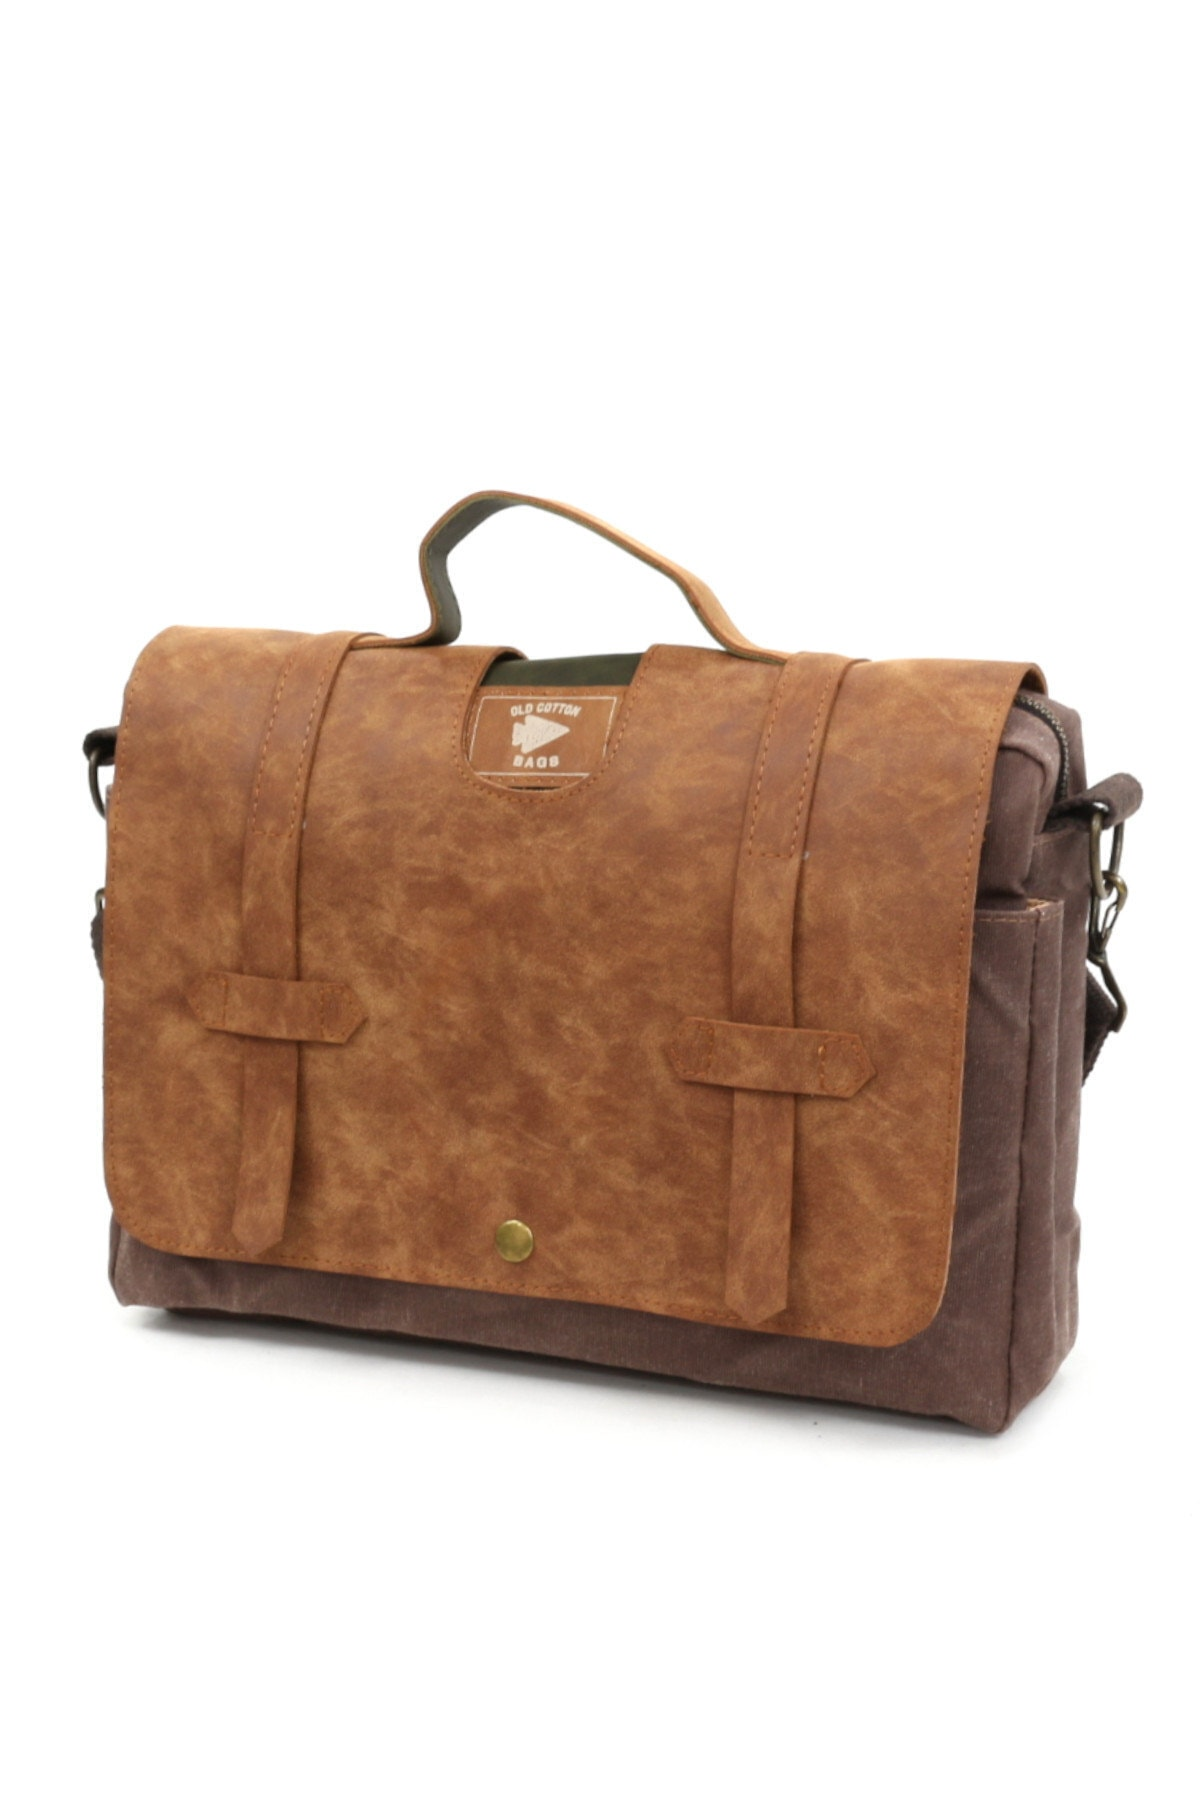 Old Cotton 7073 New Cortland Su Geçirmez Omuz-evrak-seyahat-15inch Laptop-notebook Çantası Camel 1